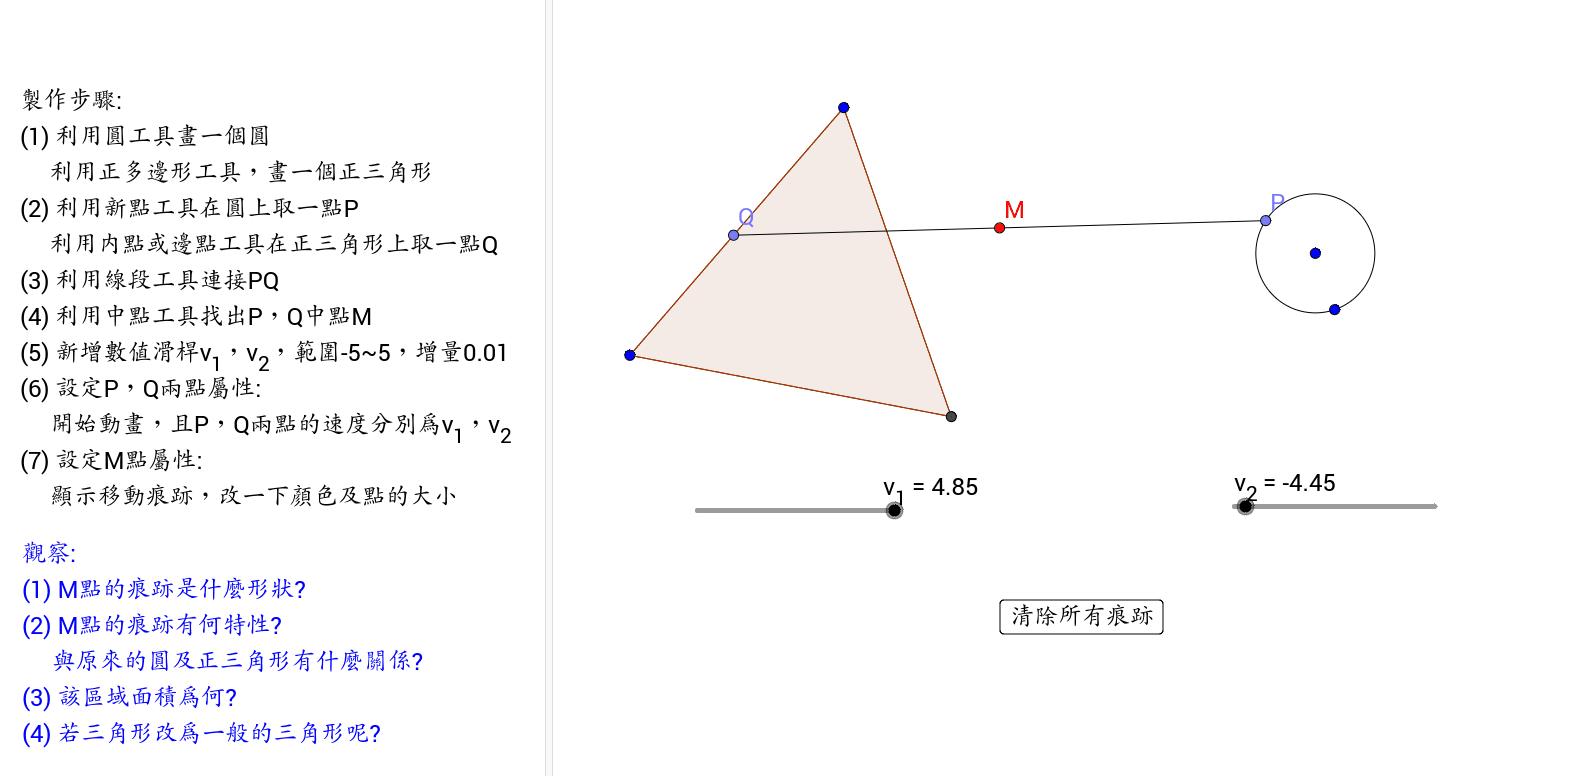 軌跡觀察---圓及正三角形上線段中點 按 Enter 开始活动